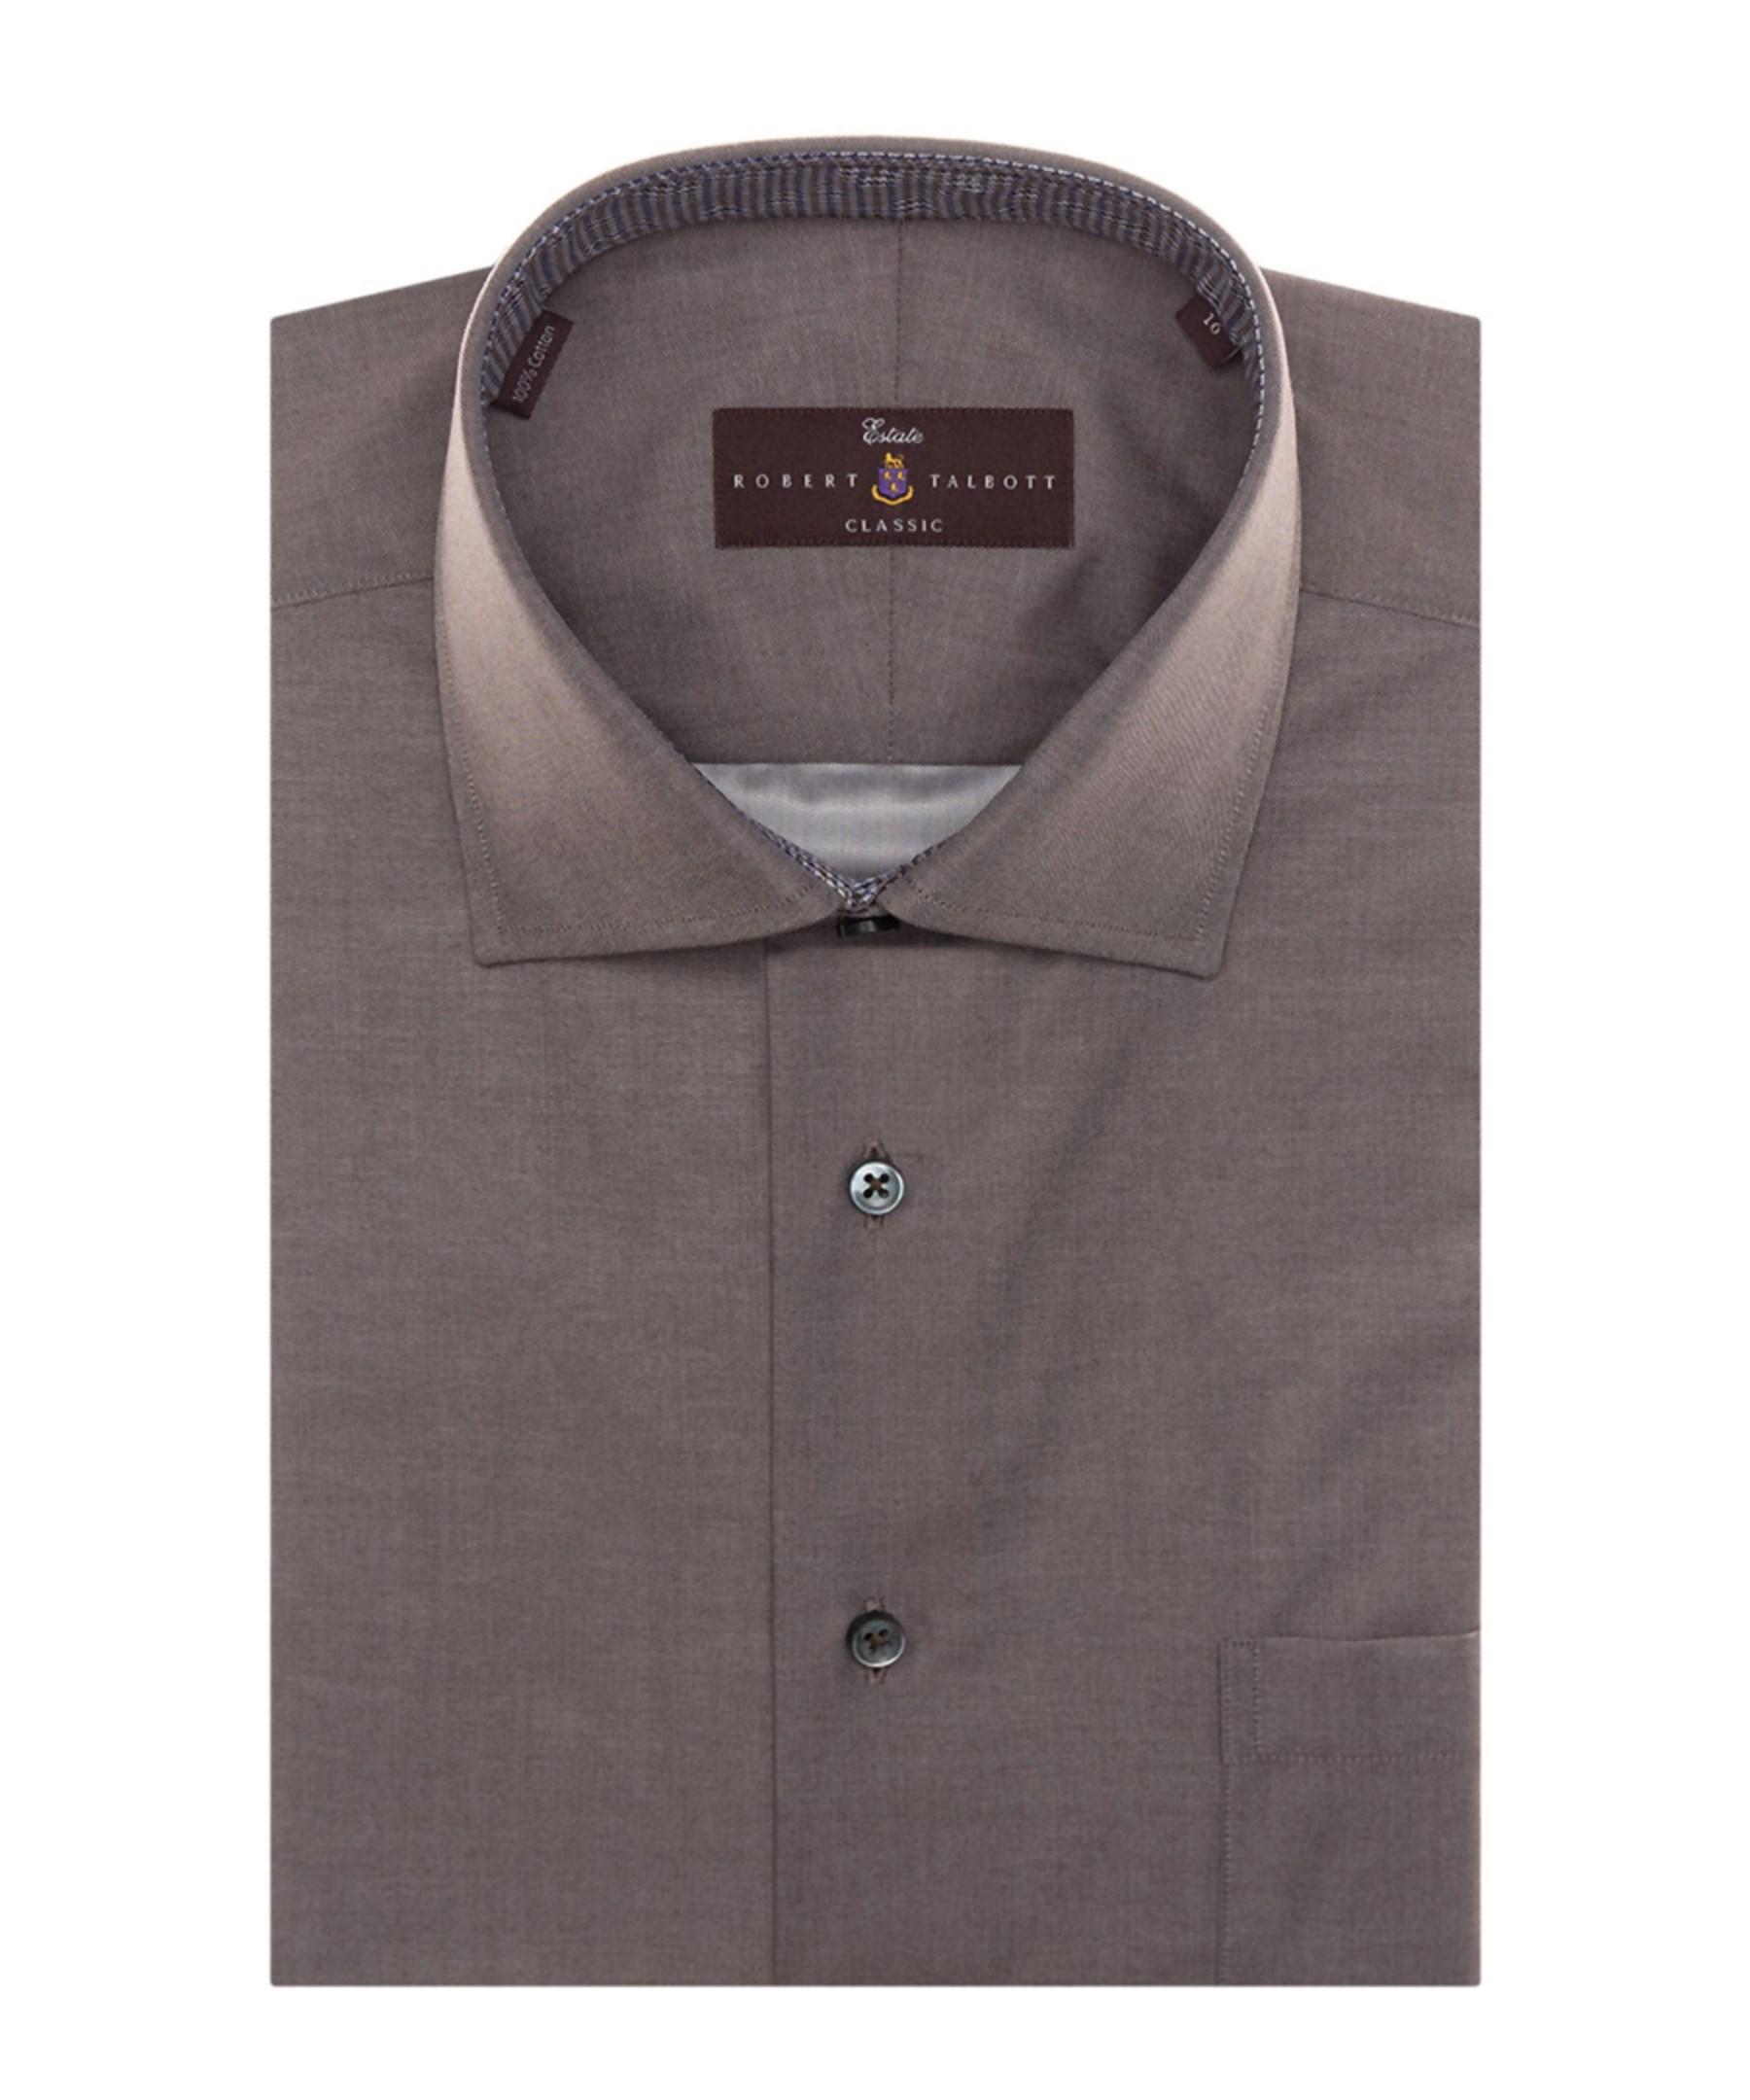 Robert talbott estate sutter classic dress shirt in brown for Robert talbott shirts sale